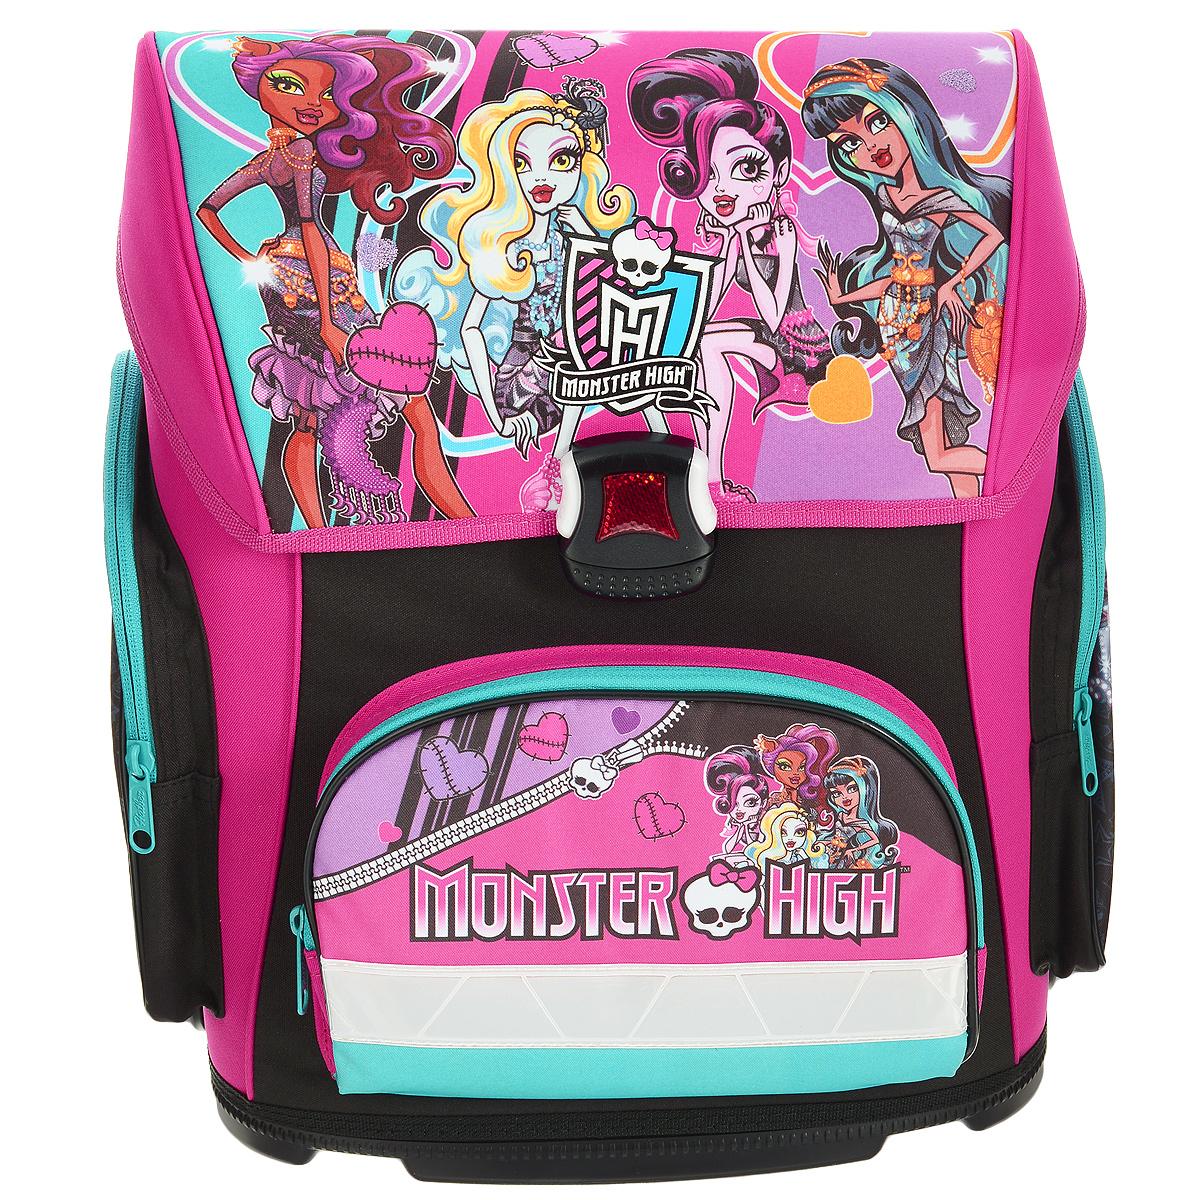 Ранец школьный Hatber Monster High, модель Optimum, цвет: черный, розовыйNRk_20629Ранец школьный Hatber Monster High выполнен из водонепроницаемого, морозоустойчивого, устойчивого к солнечному излучению материала. Изделие оформлено изображениями героев мультфильма Школа монстров. Ранец содержит одно вместительное отделение, закрывающееся клапаном на пластиковый замок-защелку, который является морозоустойчивым, отличается долгим сроком службы. Внутри отделения имеется одна перегородка для тетрадей, учебников, маленький карман-косметичка на пластиковой молнии и накладной пластиковый кармашек, предназначенный для расписания уроков (имеется вкладыш для заполнения). Верхний клапан полностью откидывается, что существенно облегчает пользование ранцем. Ранец имеет два боковых кармана, закрывающихся на молнии и один карман на молнии на лицевой стороне. Ранец оснащен ручкой с резиновой насадкой для удобной переноски. Специальная жесткая конструкция спинки ранца оптимально распределяет нагрузку на позвоночник ребенка, способствуя...